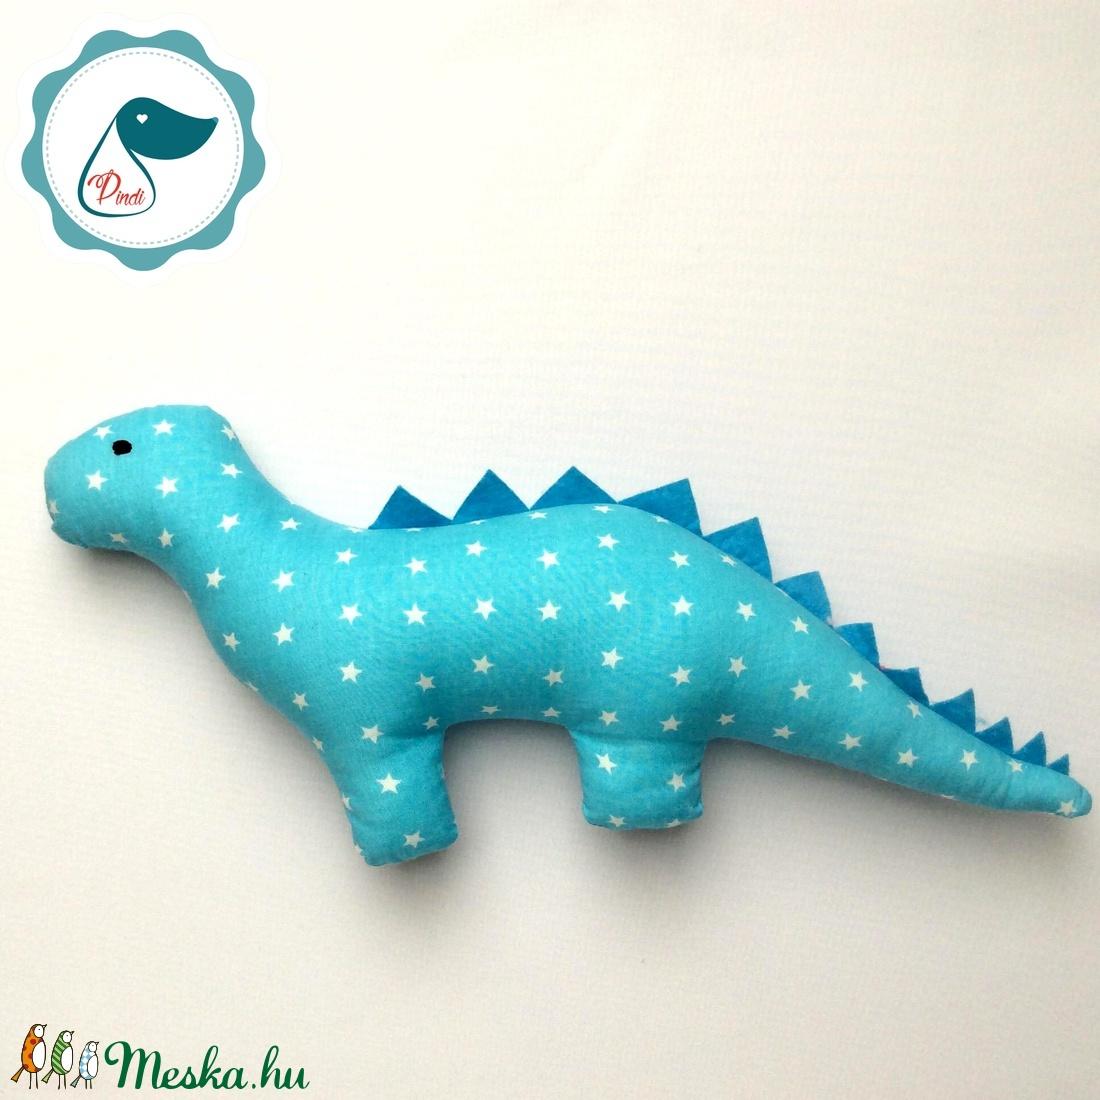 Dinószaurusz - türkiz kék csillag mintás egyedi tervezésű kézműves játék - textiljáték - dinó gyerek játék - Meska.hu